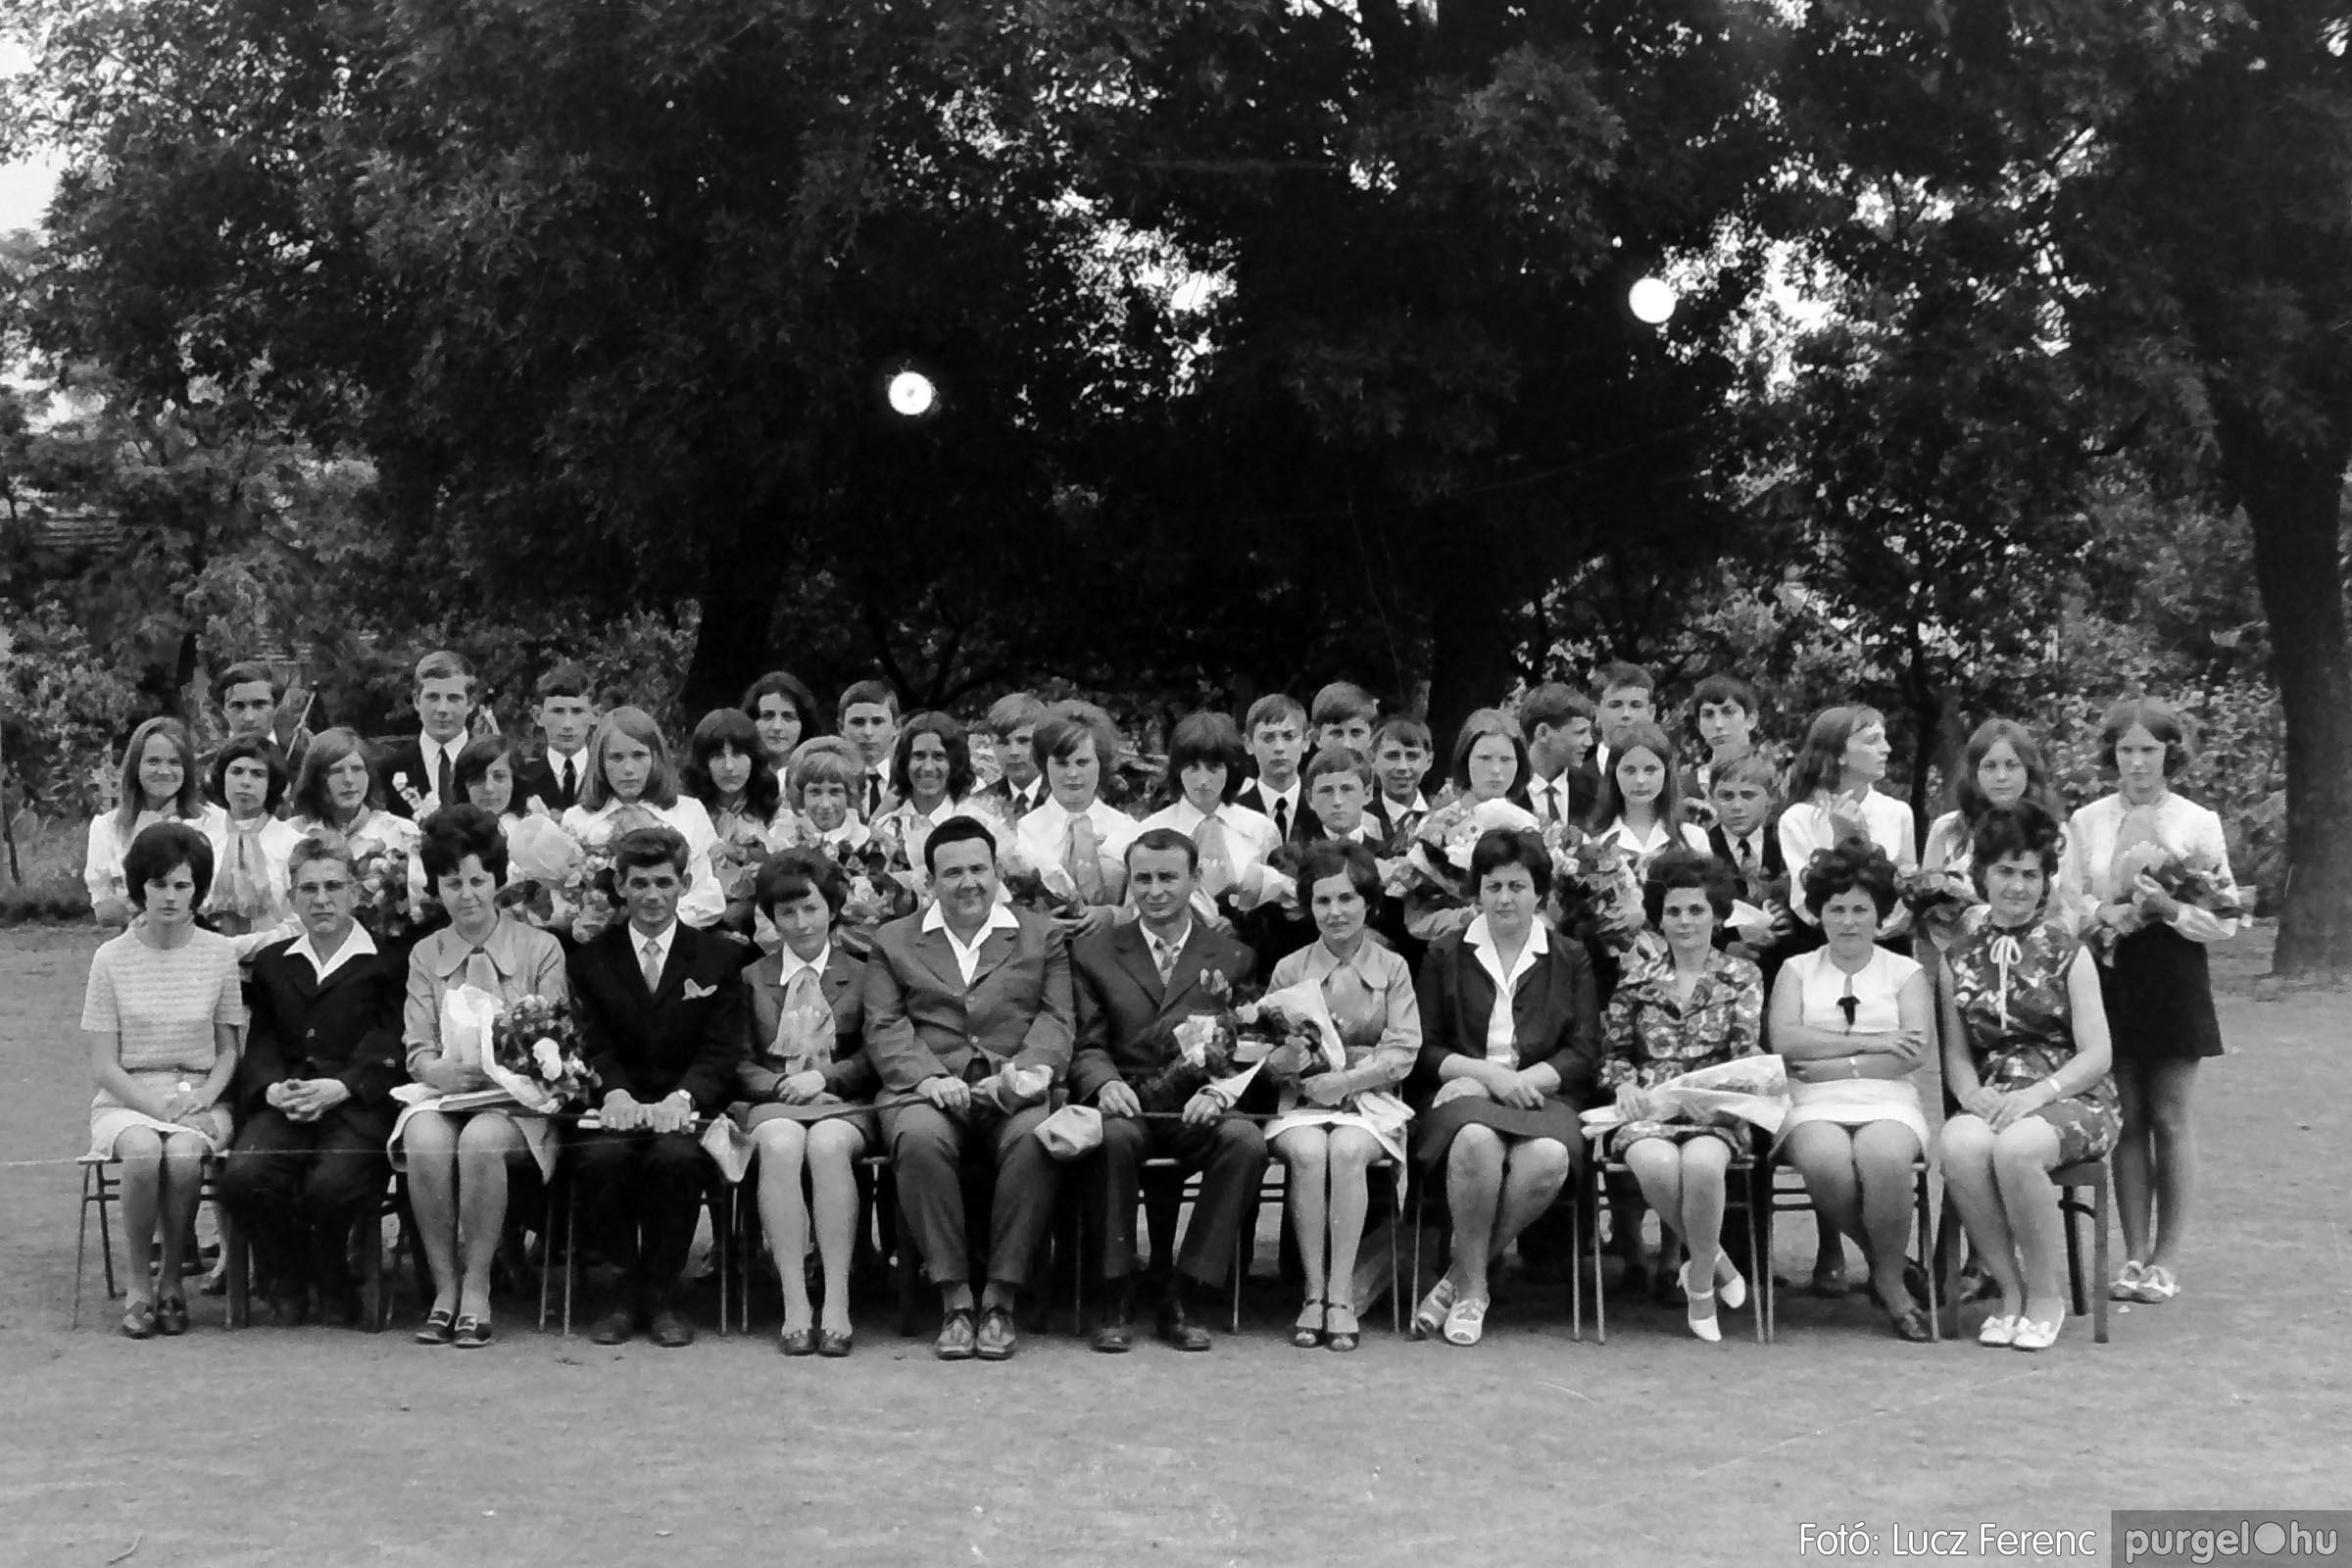 001 1972.05.27. Ballagás a szegvári iskolában 029 - Fotó: Lucz Ferenc - IMG01048q.jpg